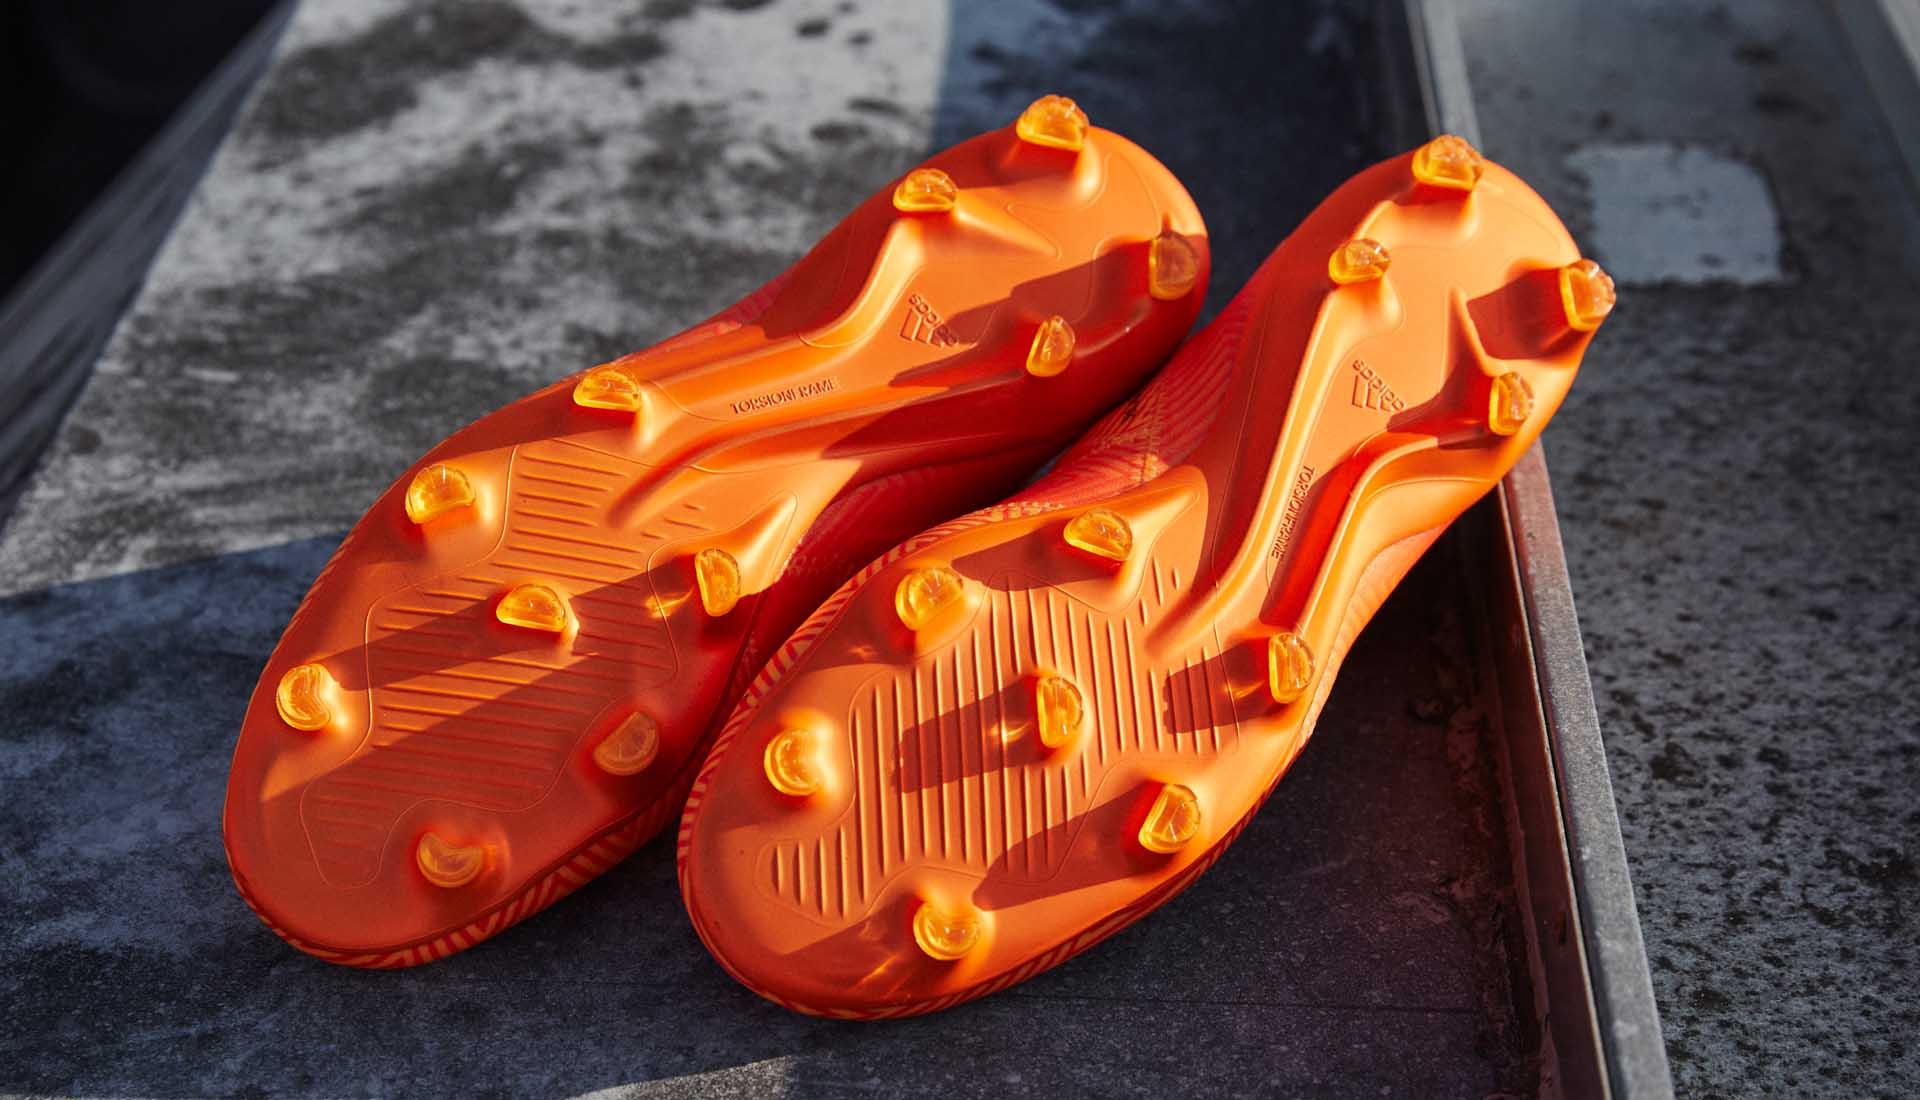 hot sales ac43d 6f955 adidas Launch The Nemeziz 18+